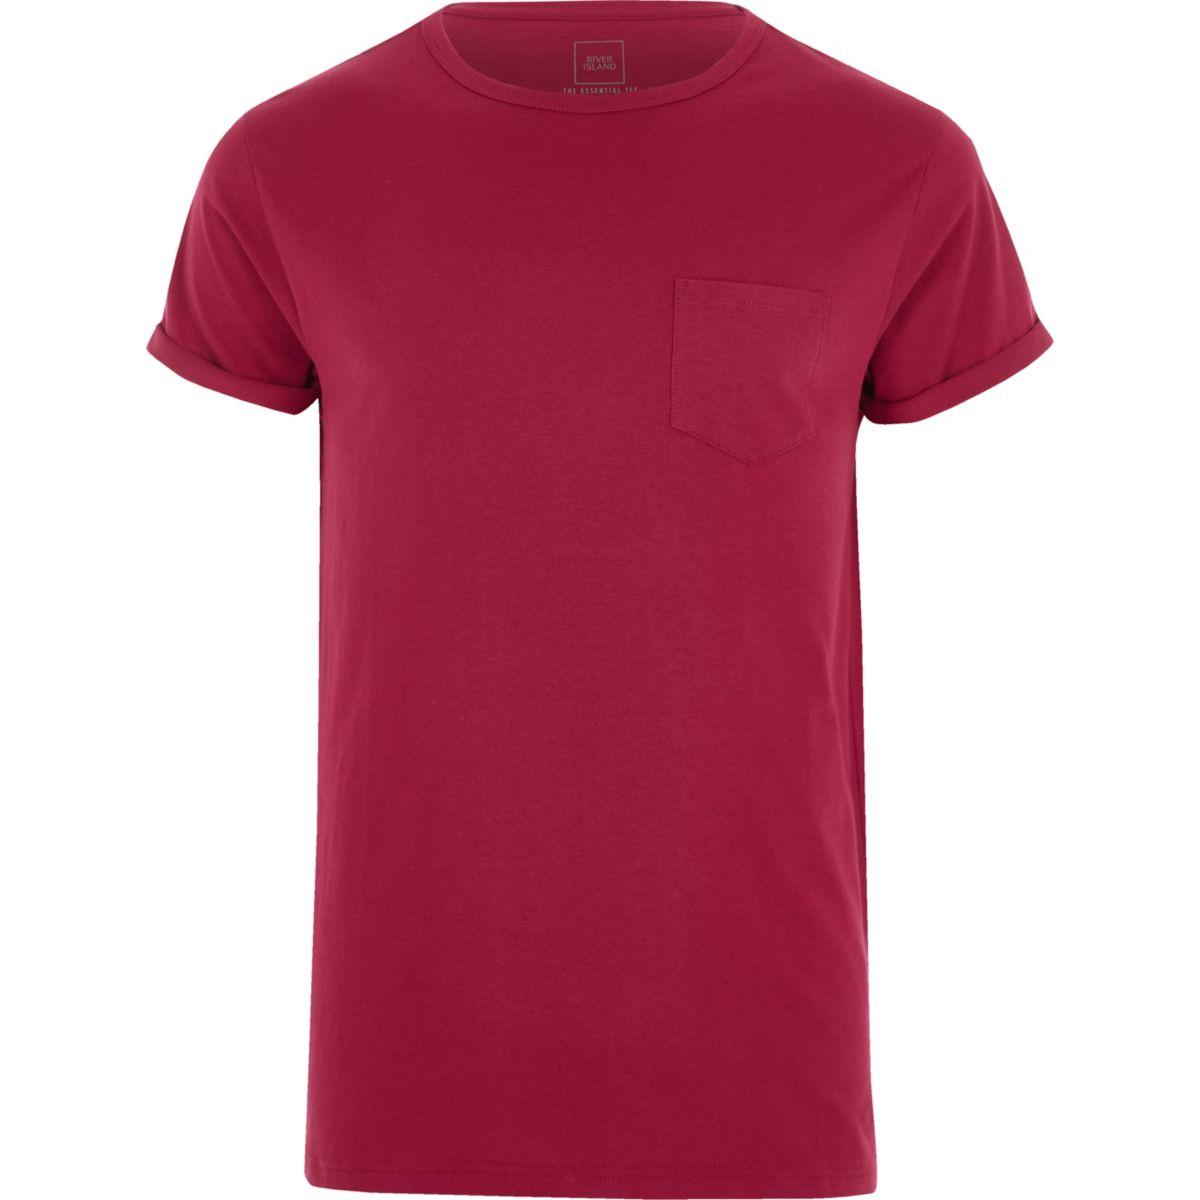 Bessenrood T-shirt met zakje en omgeslagen mouwen